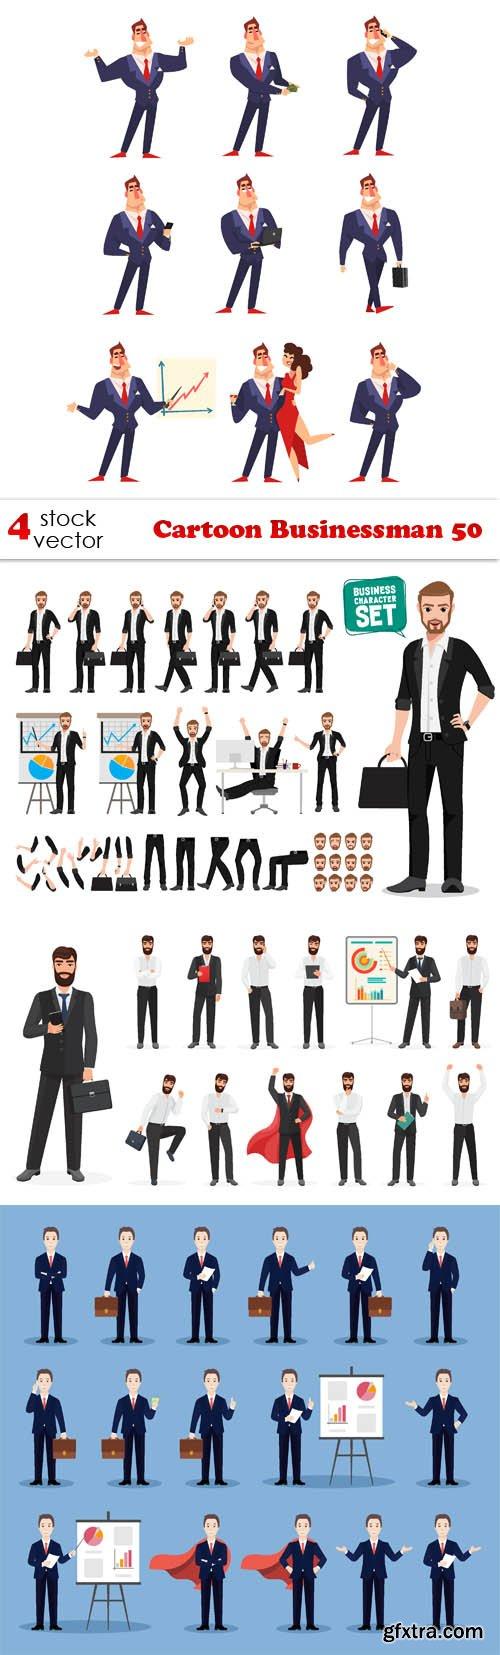 Vectors - Cartoon Businessman 50